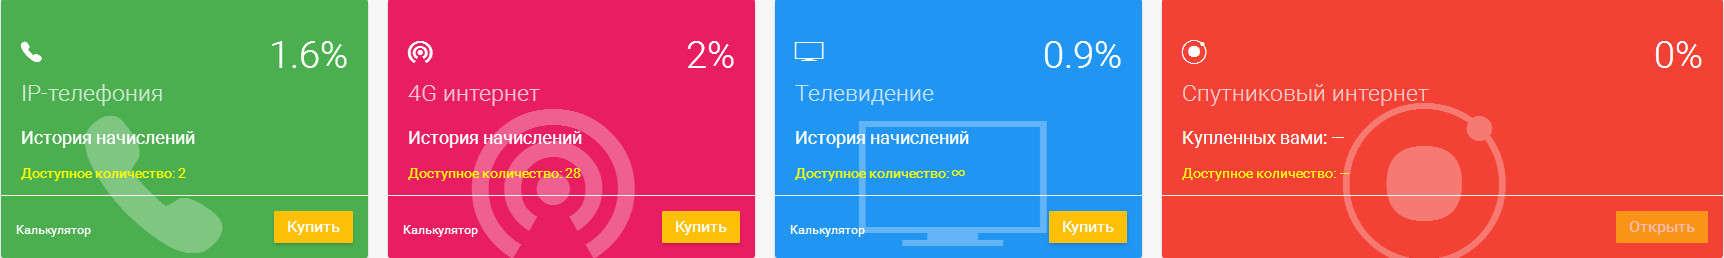 Telecomfin тарифные планы инвестиционные планы контракты